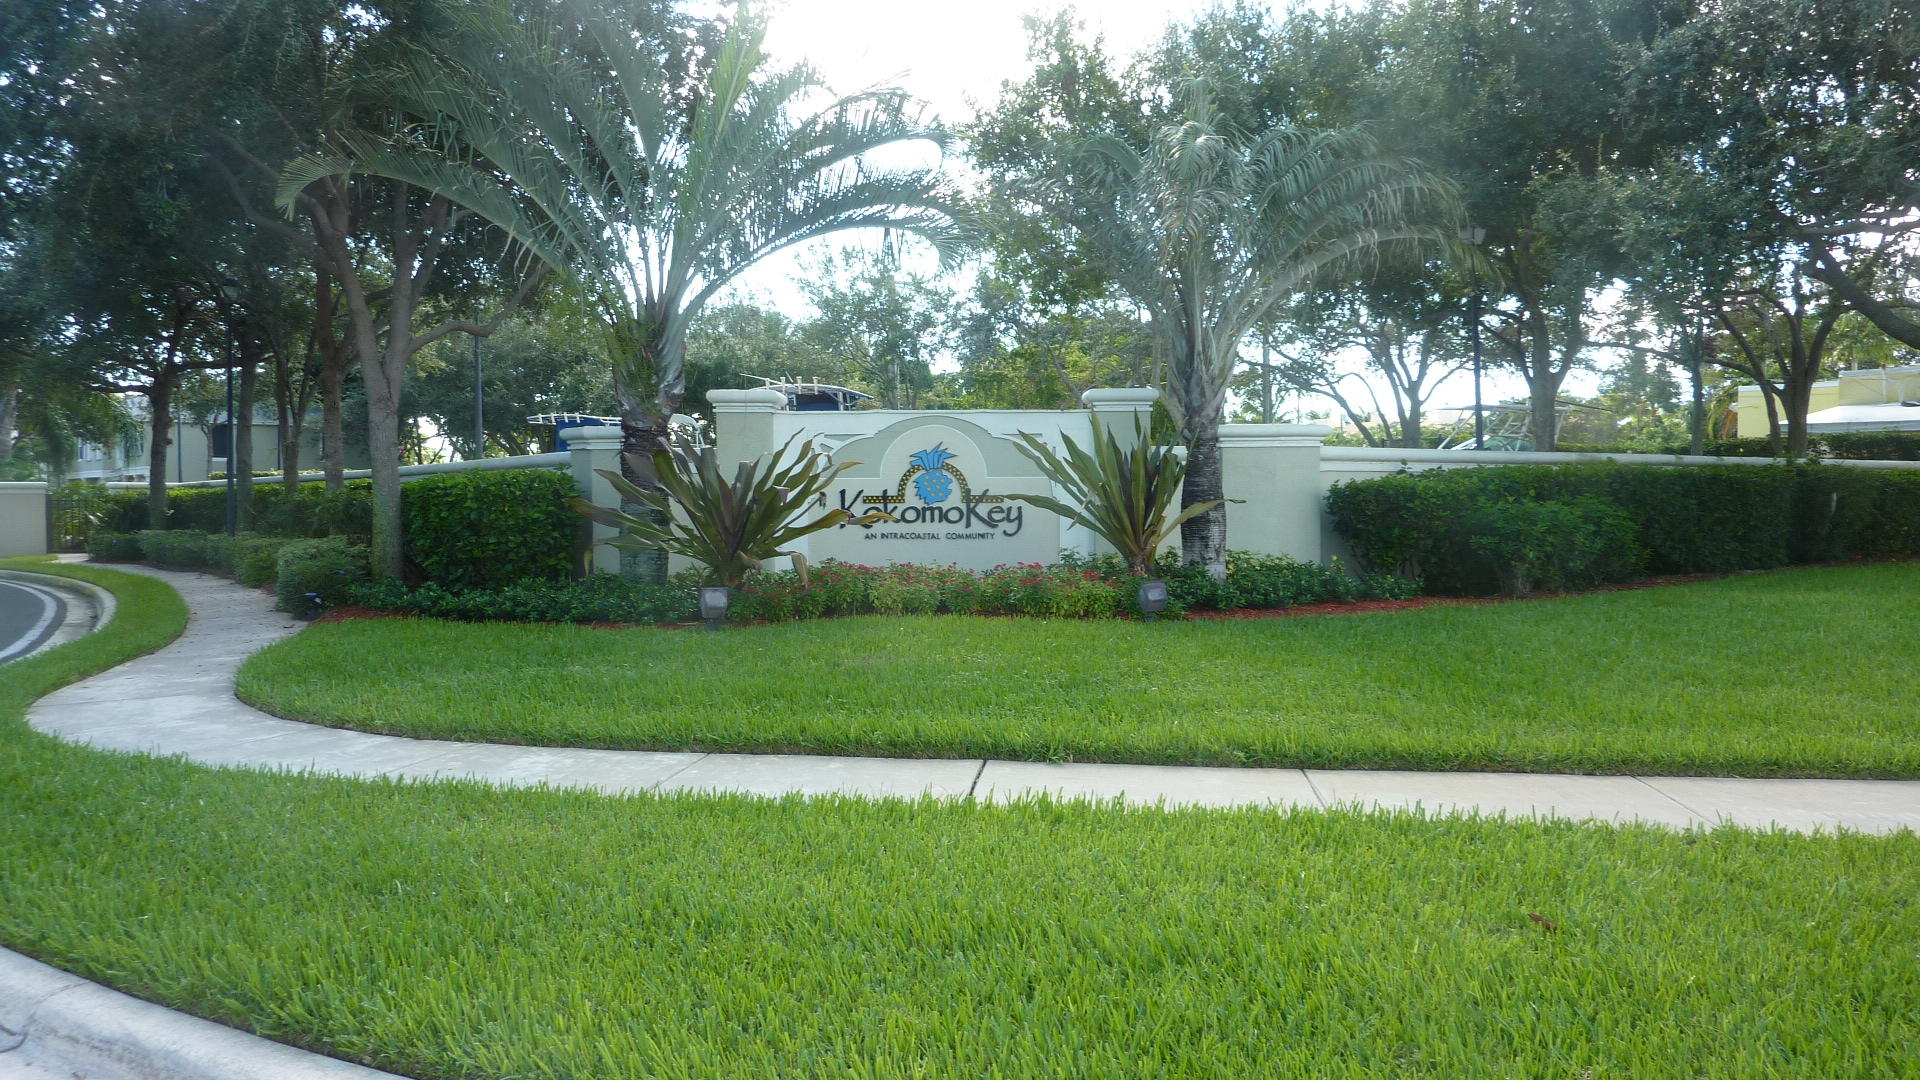 907 Kokomo Key Lane  Delray Beach, FL 33483